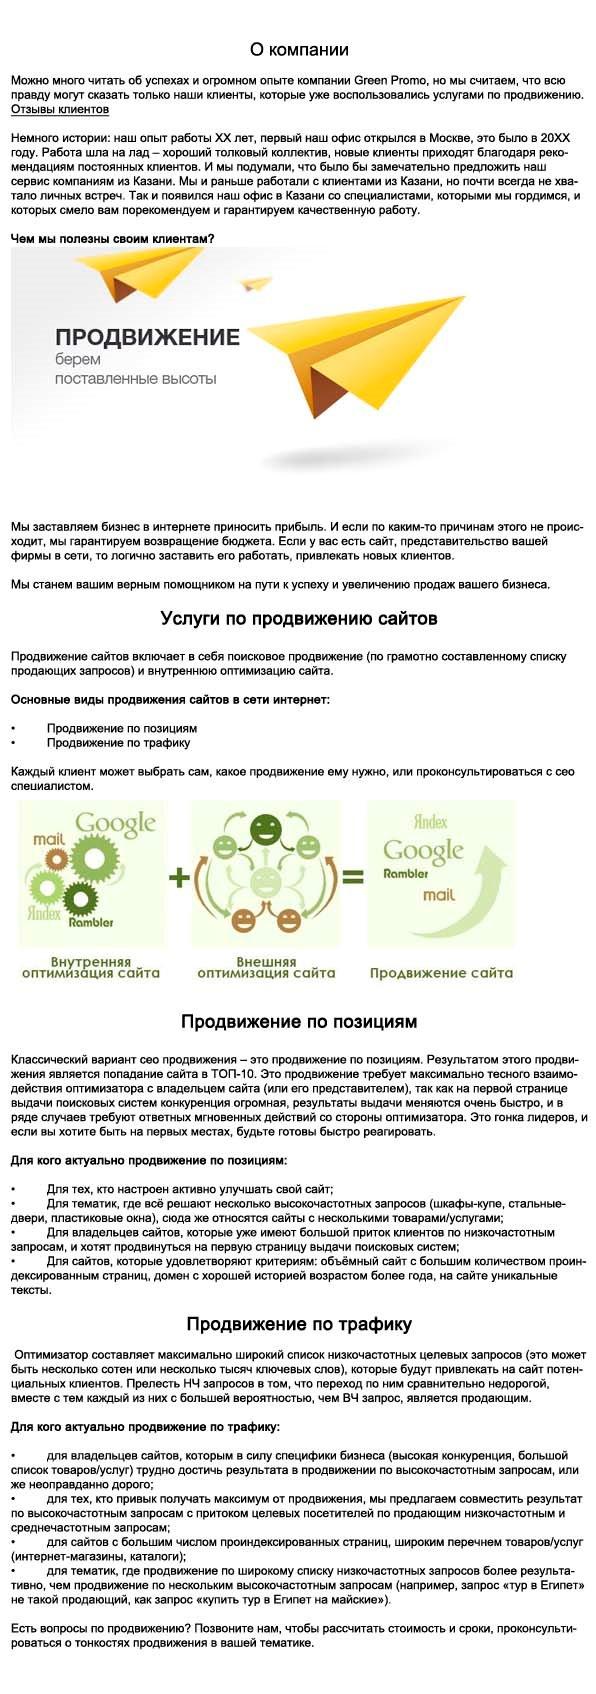 Тексты о компании и услугах веб-студии